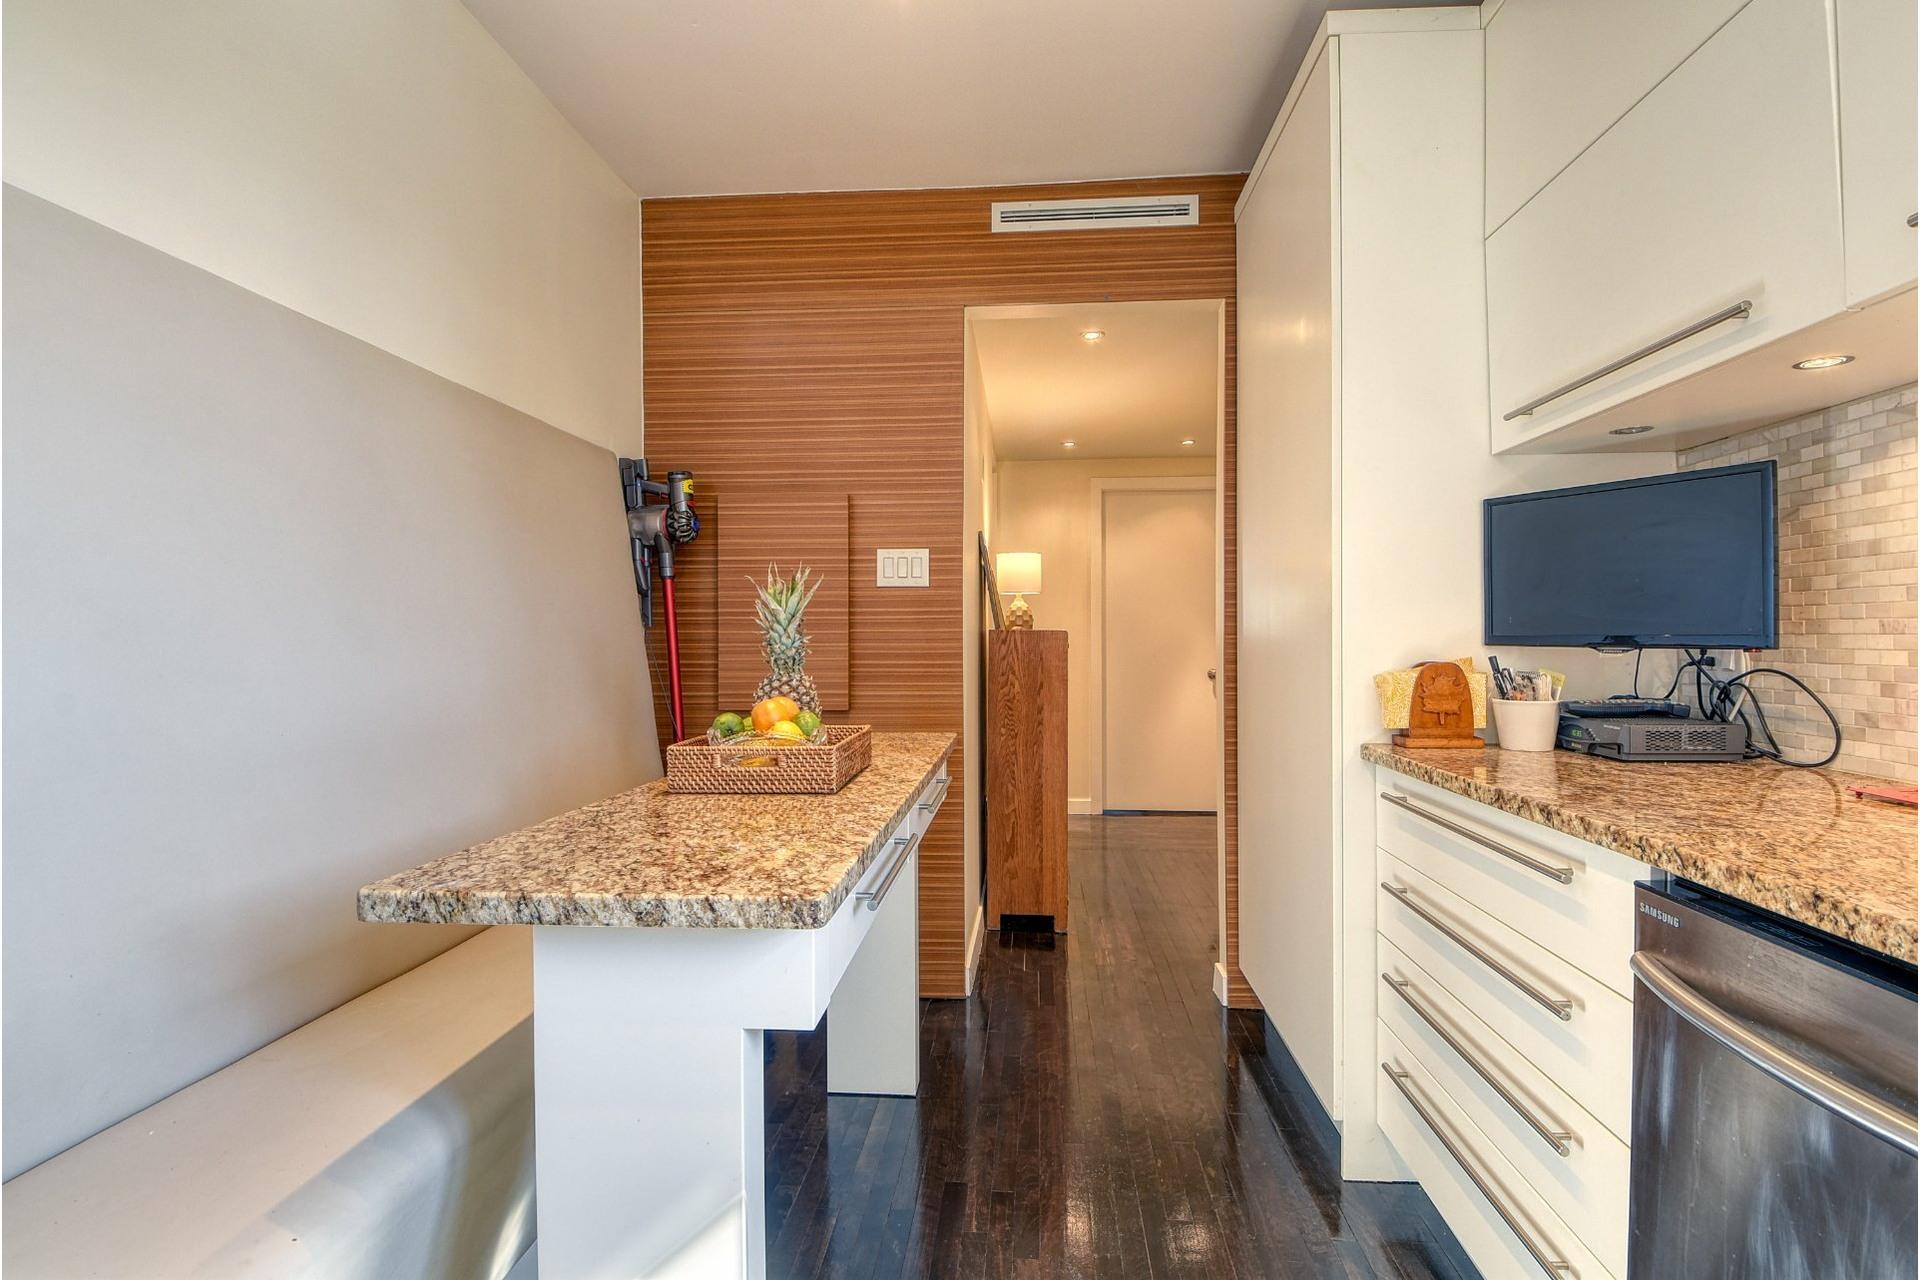 image 8 - Apartment For sale Côte-Saint-Luc - 5 rooms